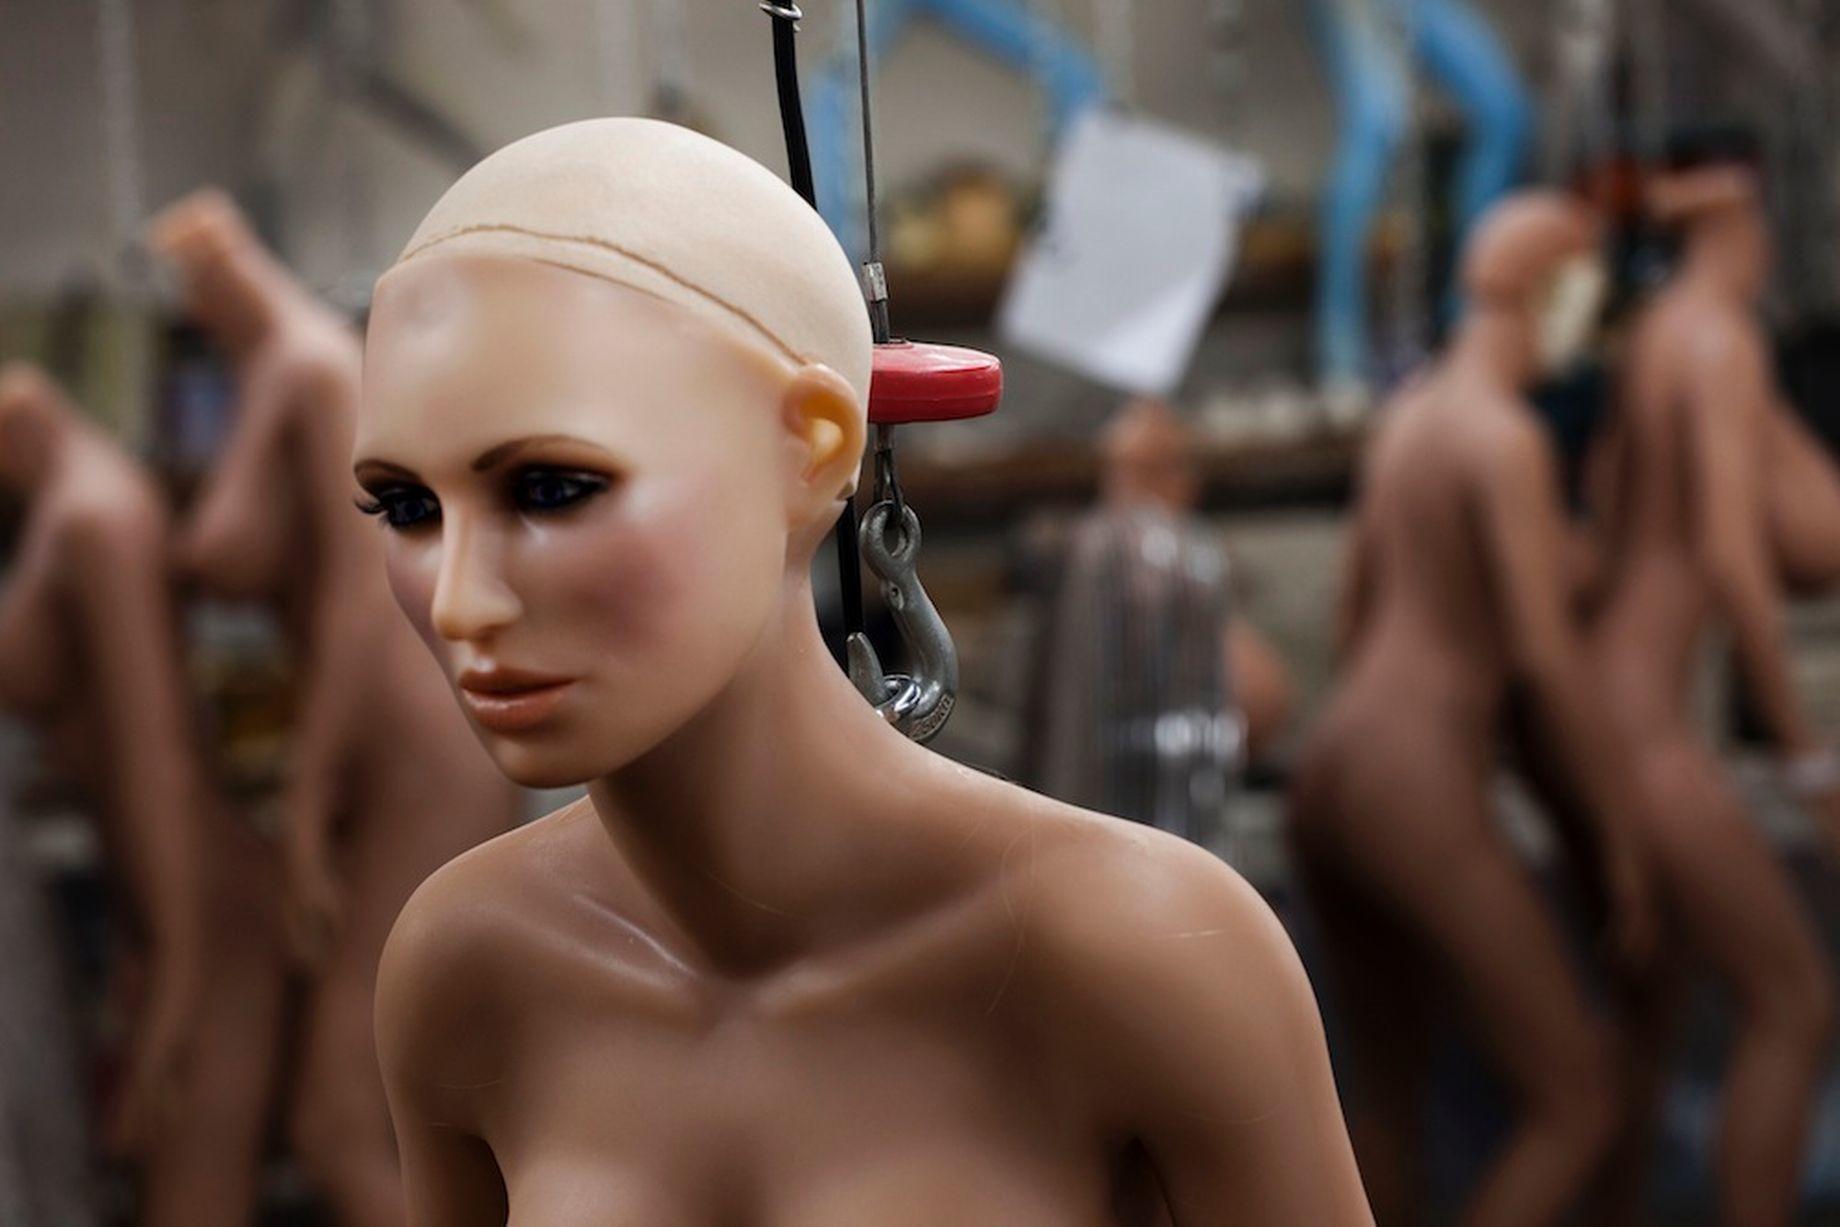 búp bê tình dục, robot, trí tuệ nhân tạo